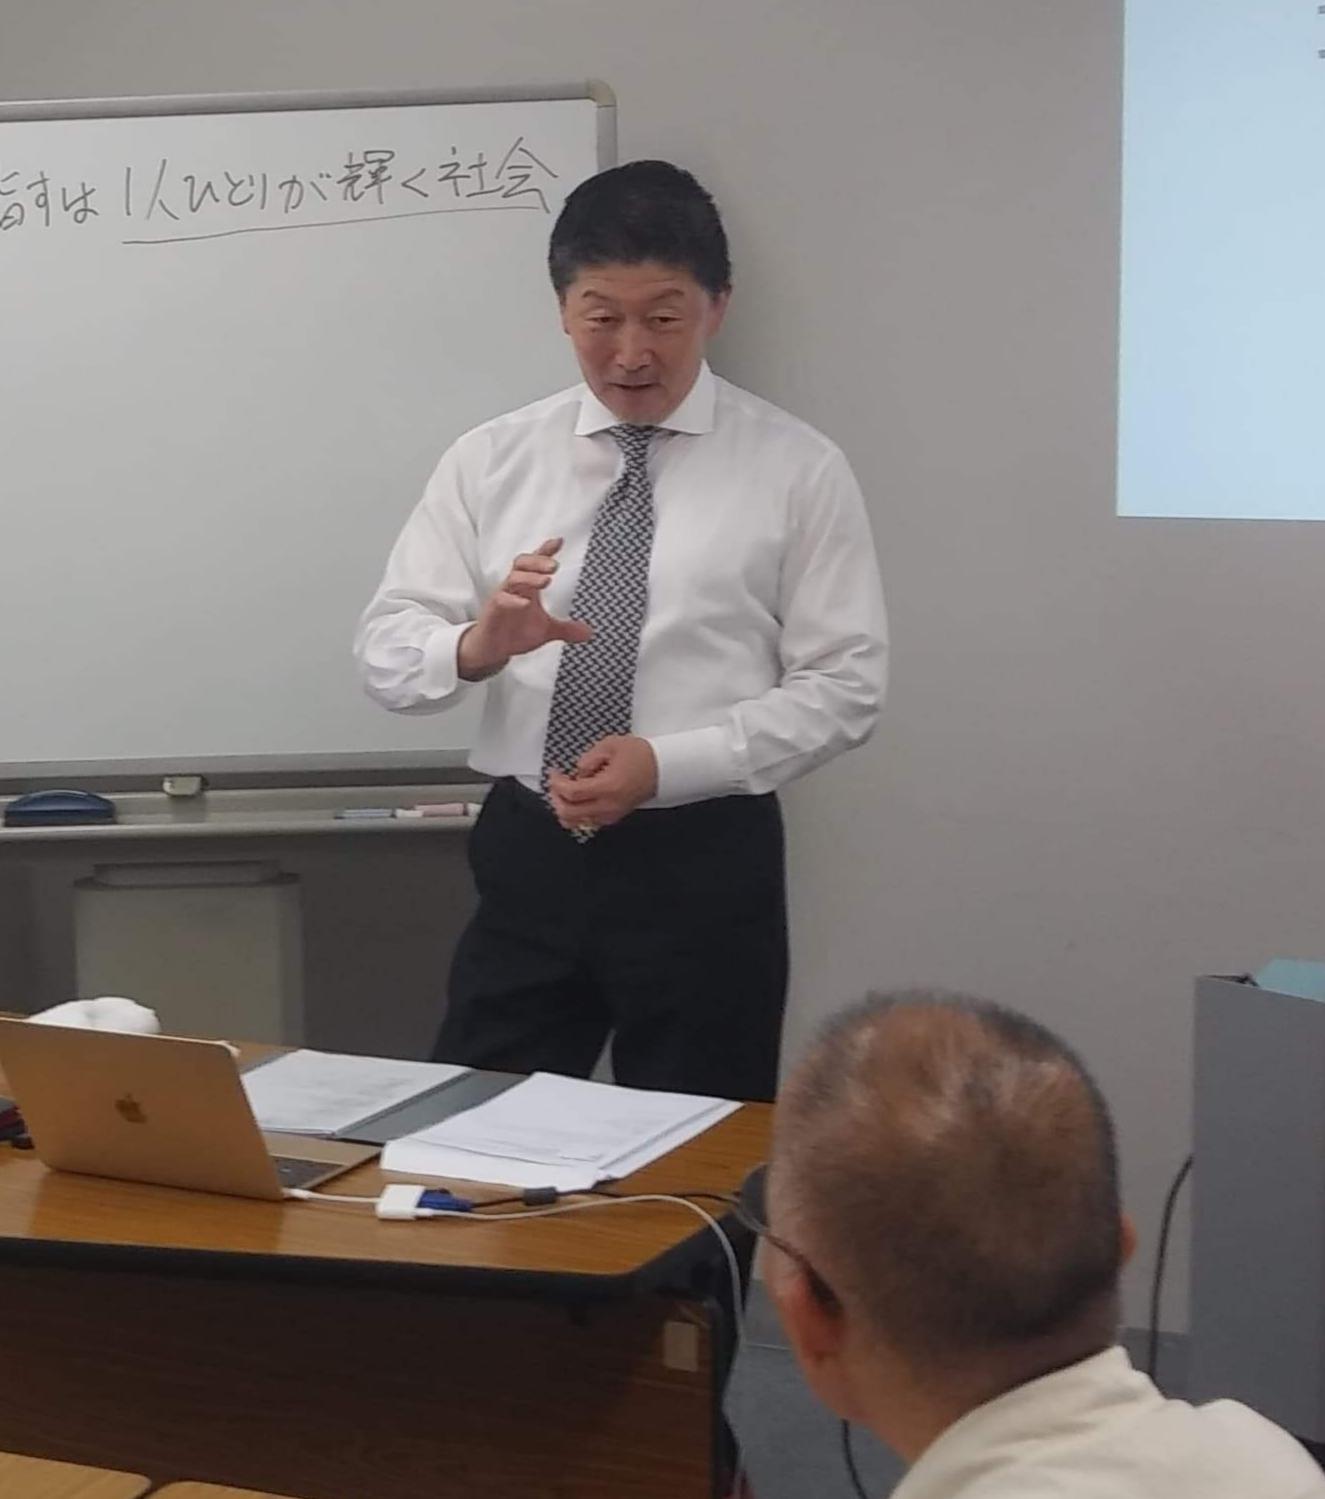 講師スキルブラッシュアップ塾(1) 「臨界点を超えるとパワフルなセミナーになる」